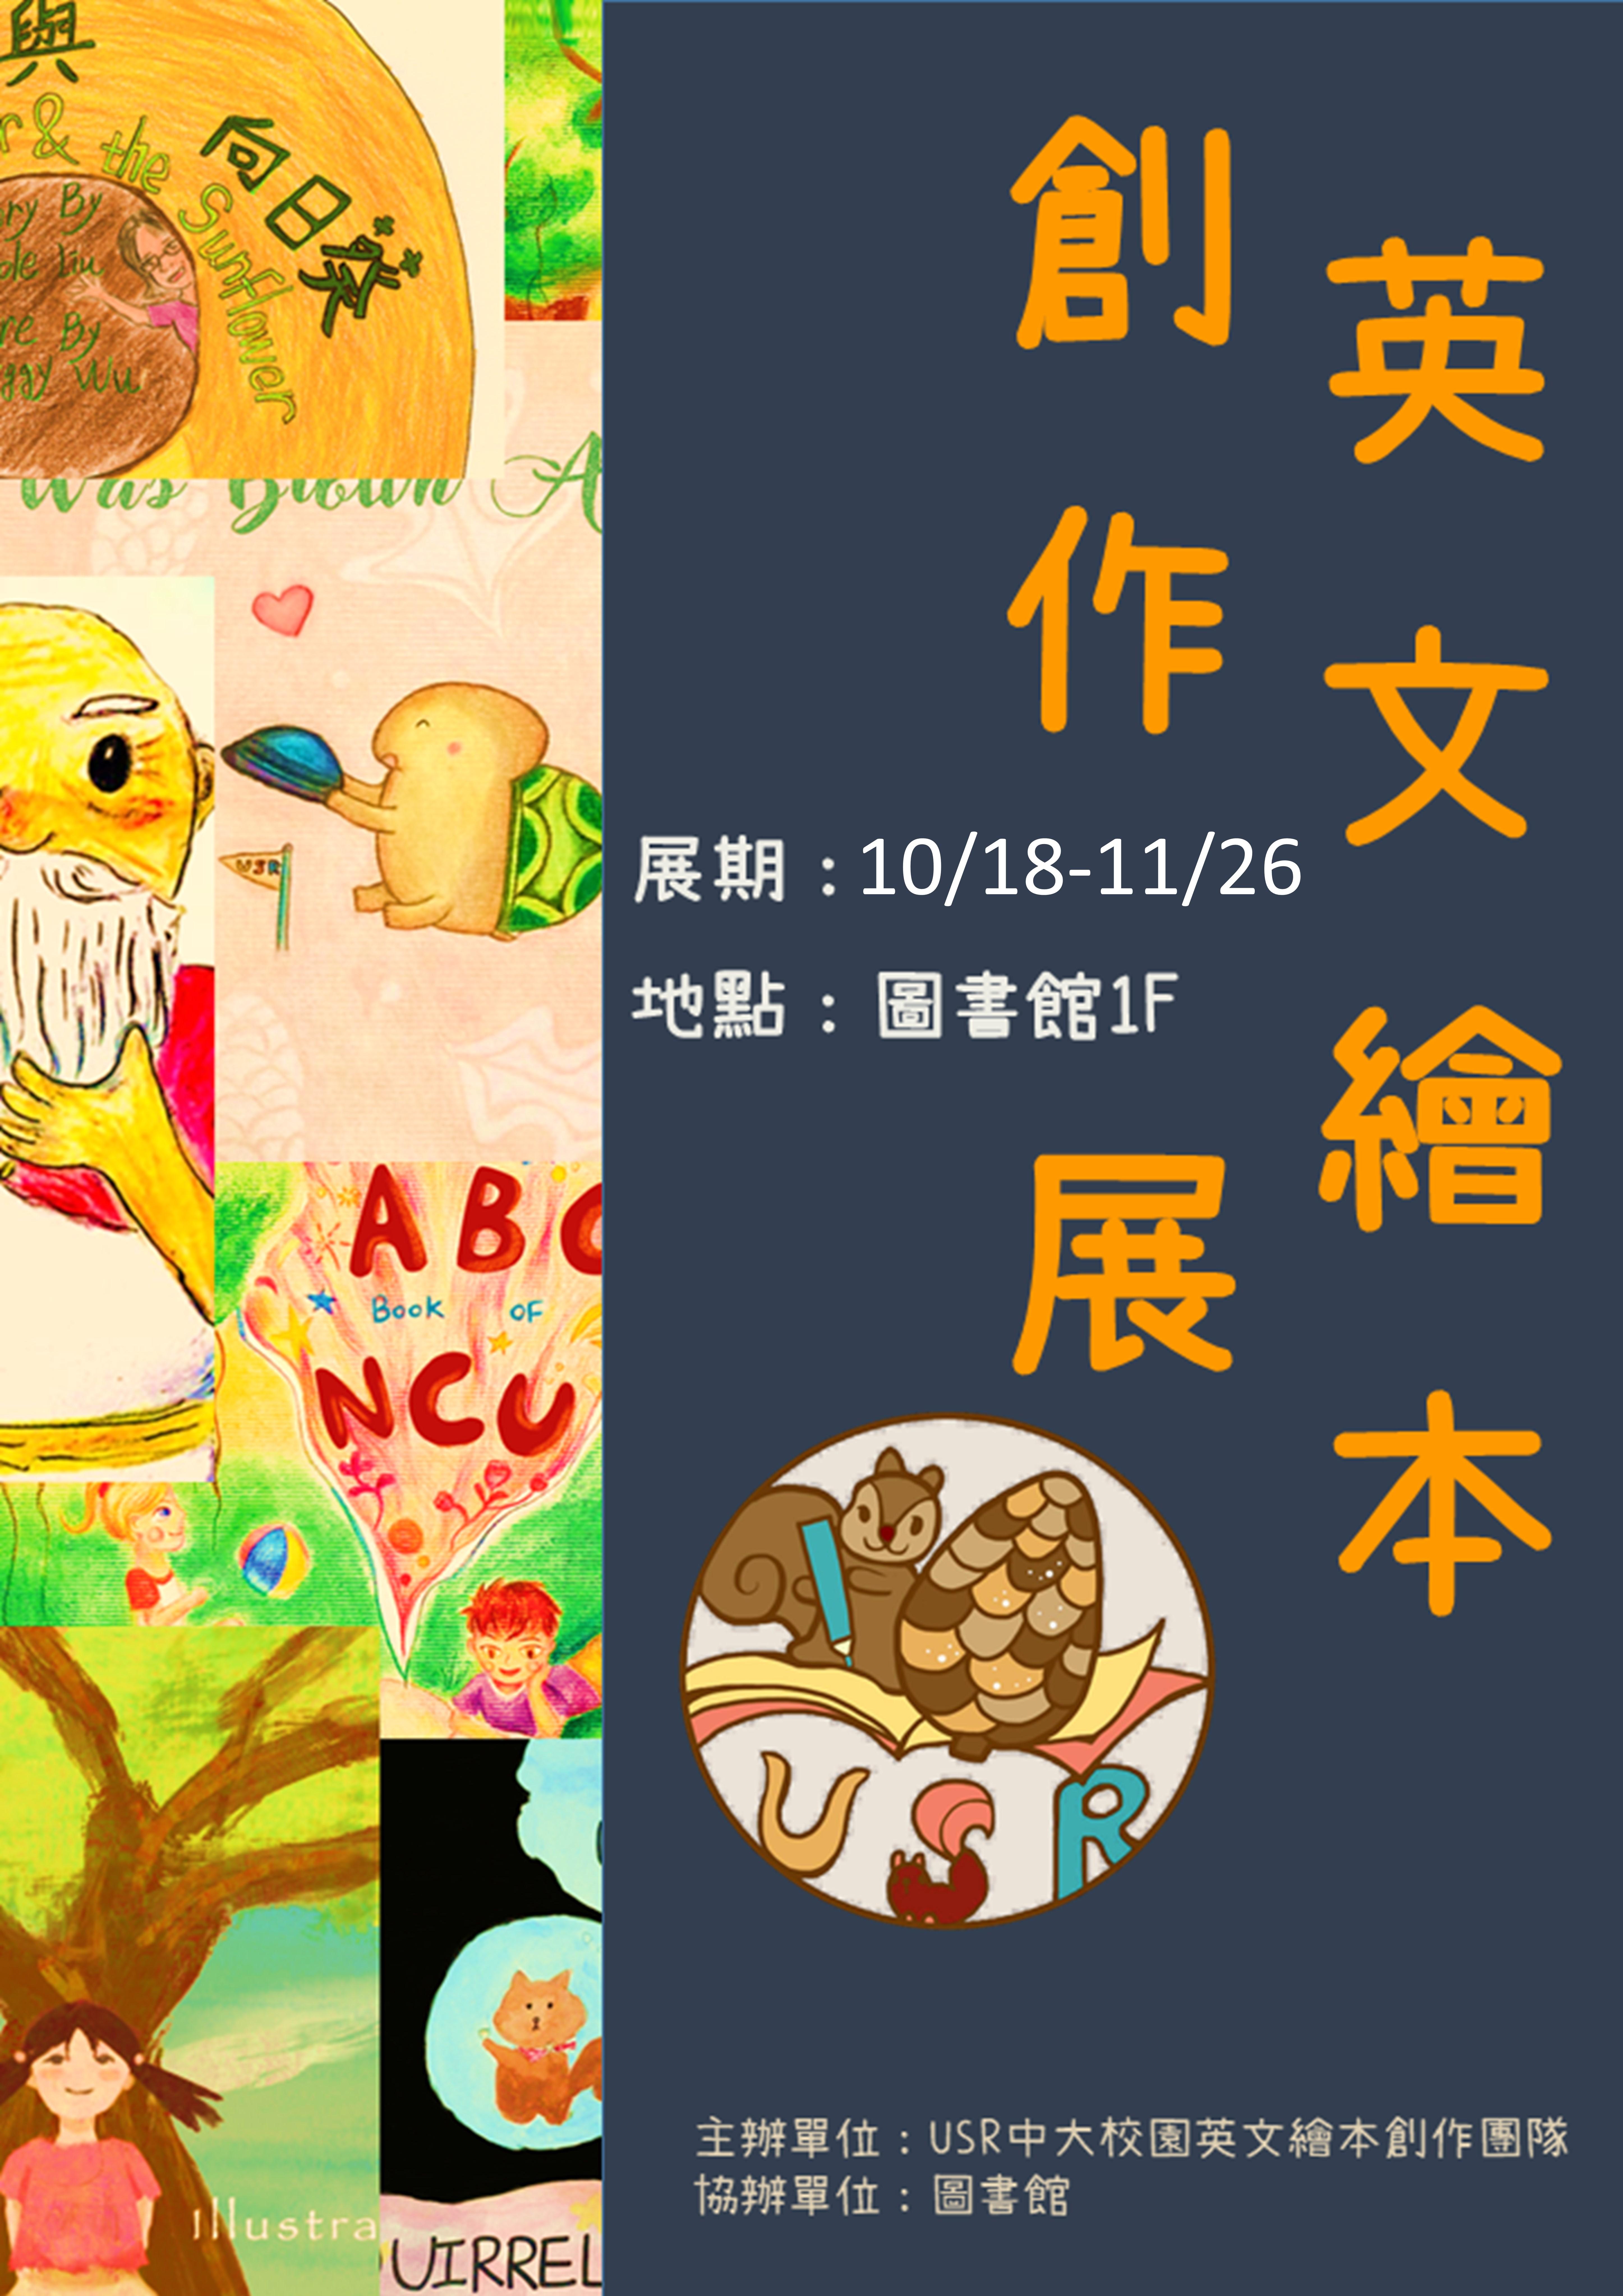 10/18-11/12「英文繪本創作展」